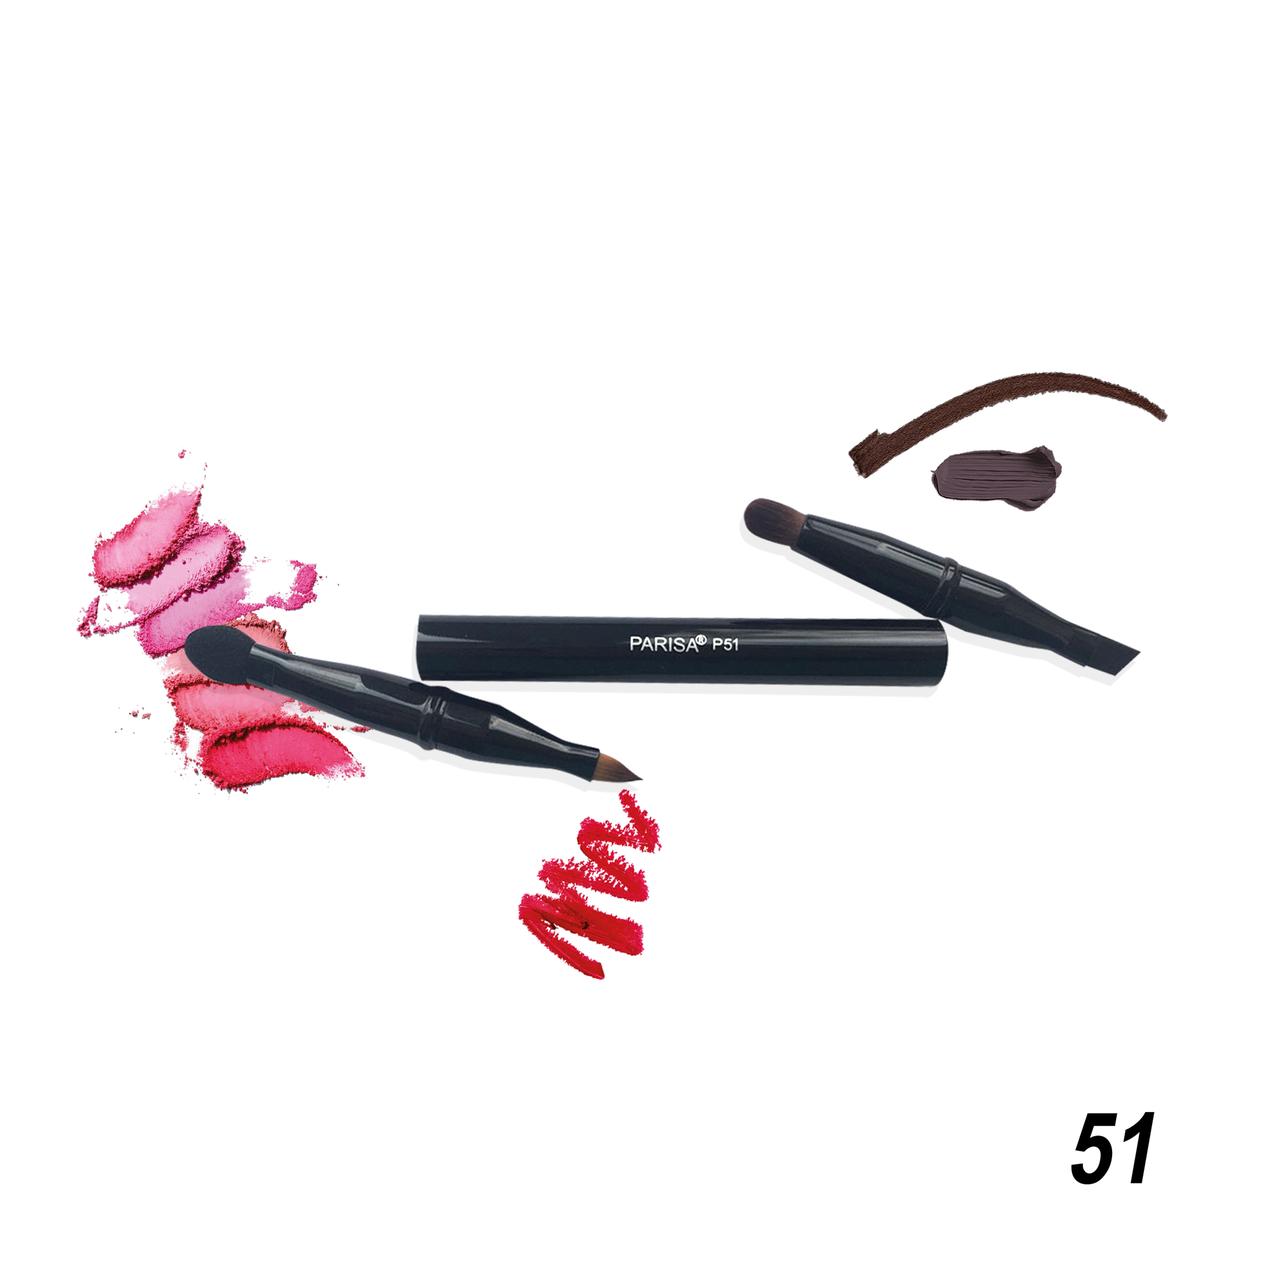 Кисть Parisa P51 - трансформер 4 в 1 для макияжа глаз, губ, бровей